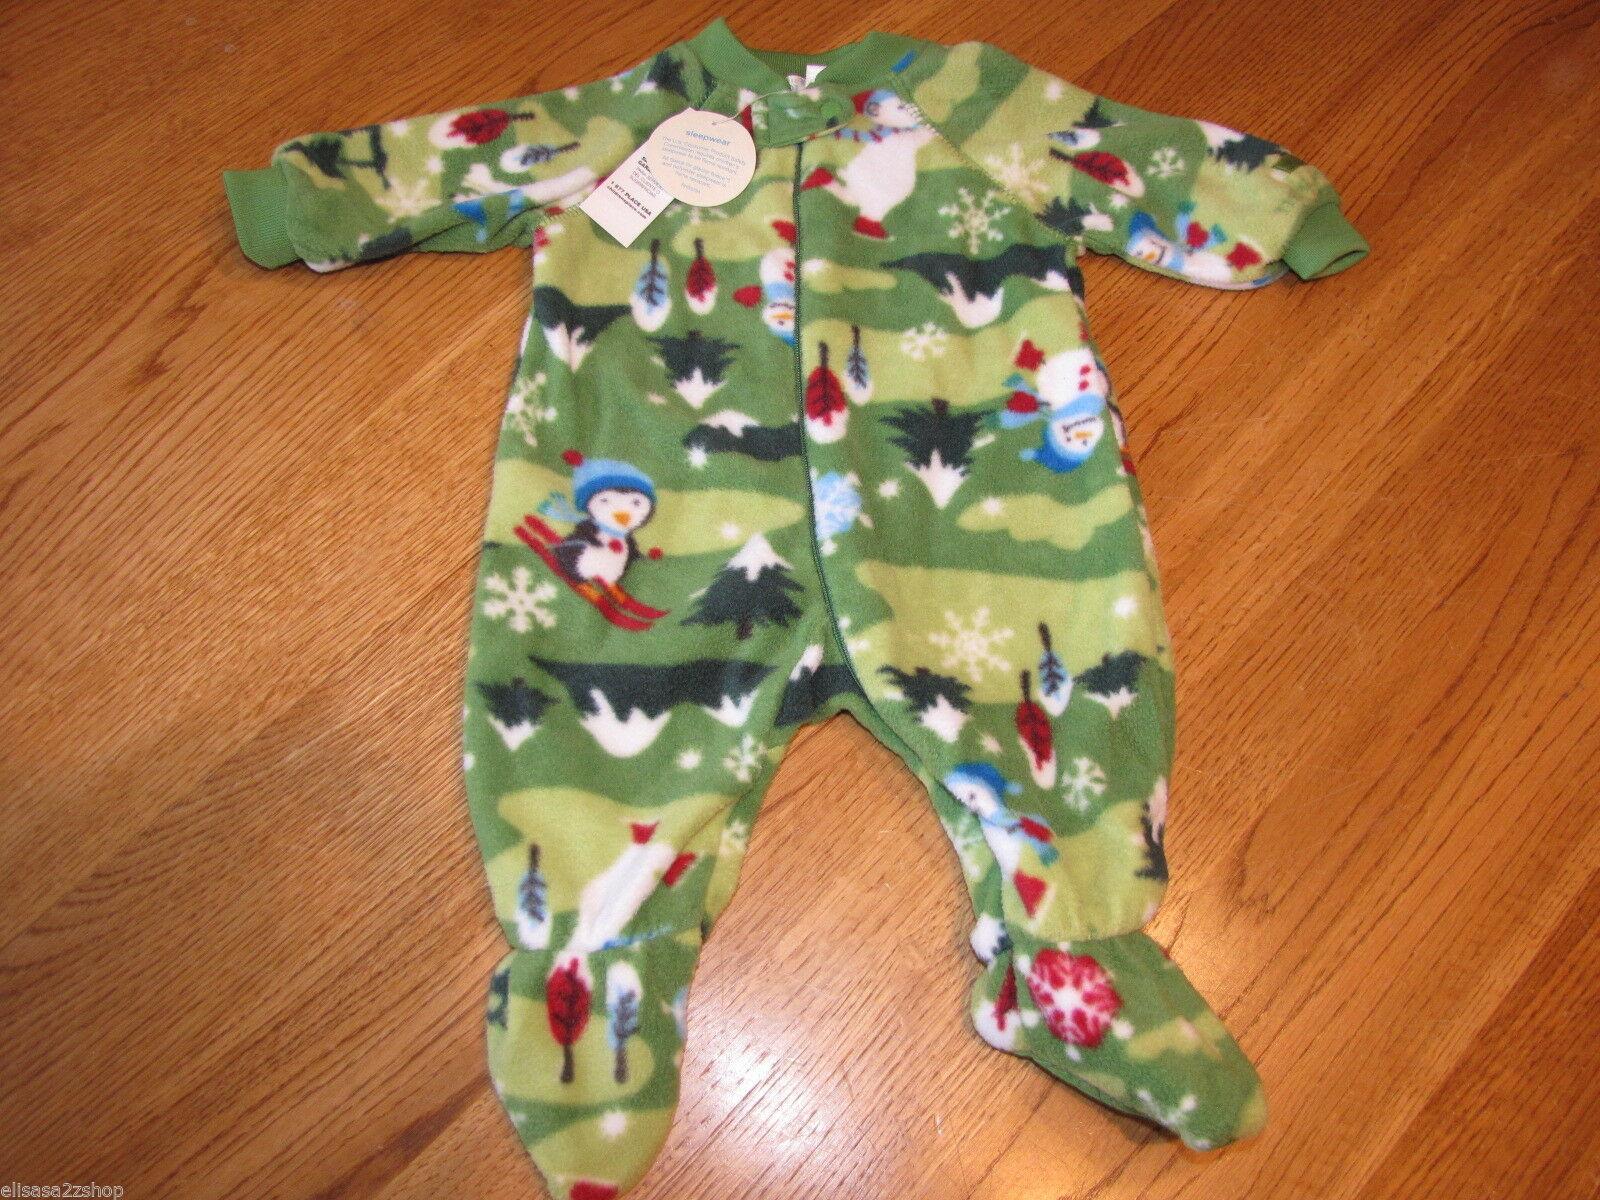 The Children's Place Baby Girls Footie PJ sleepwear 0-3 months green NWT*^ - $4.27